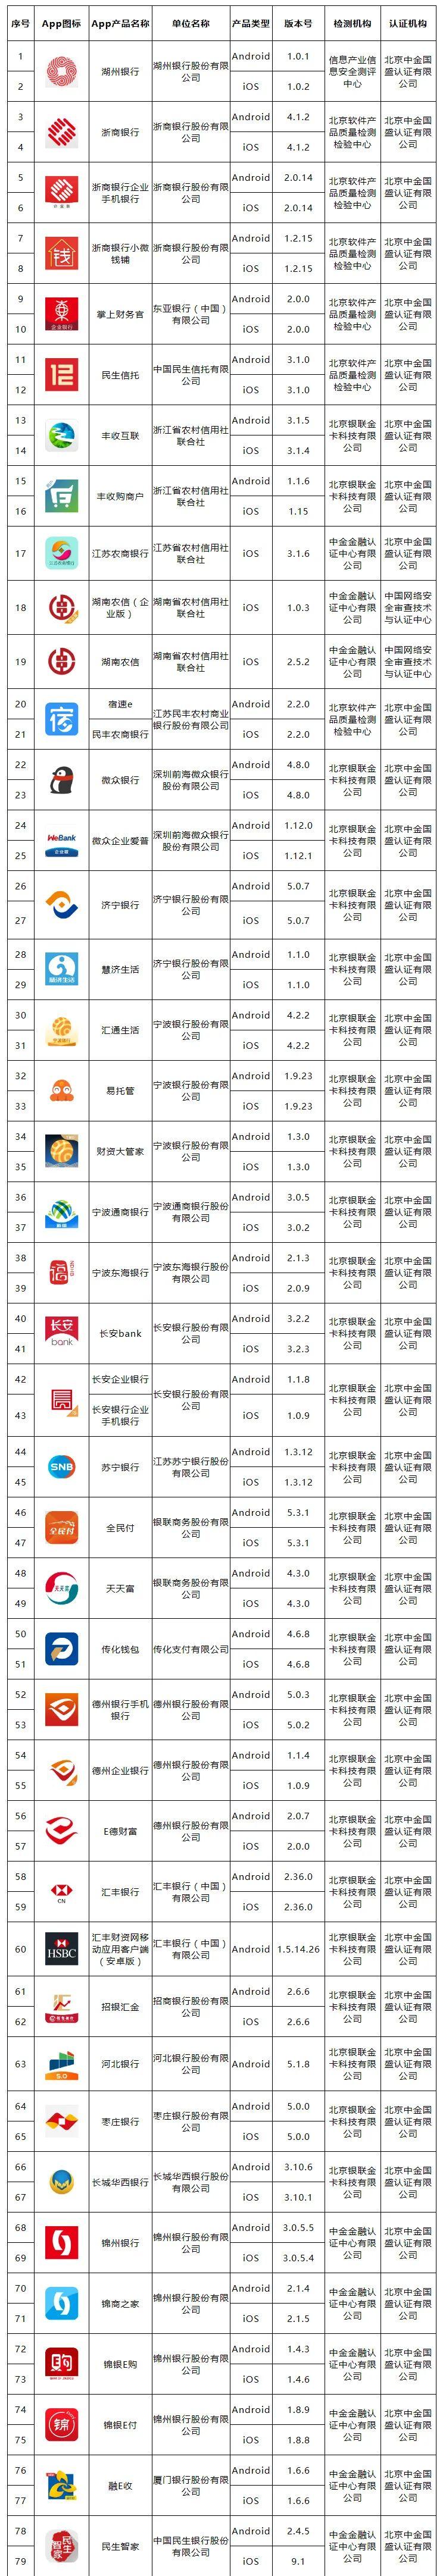 第七批移动金融App备案名单发布:含7家第三方支付机构